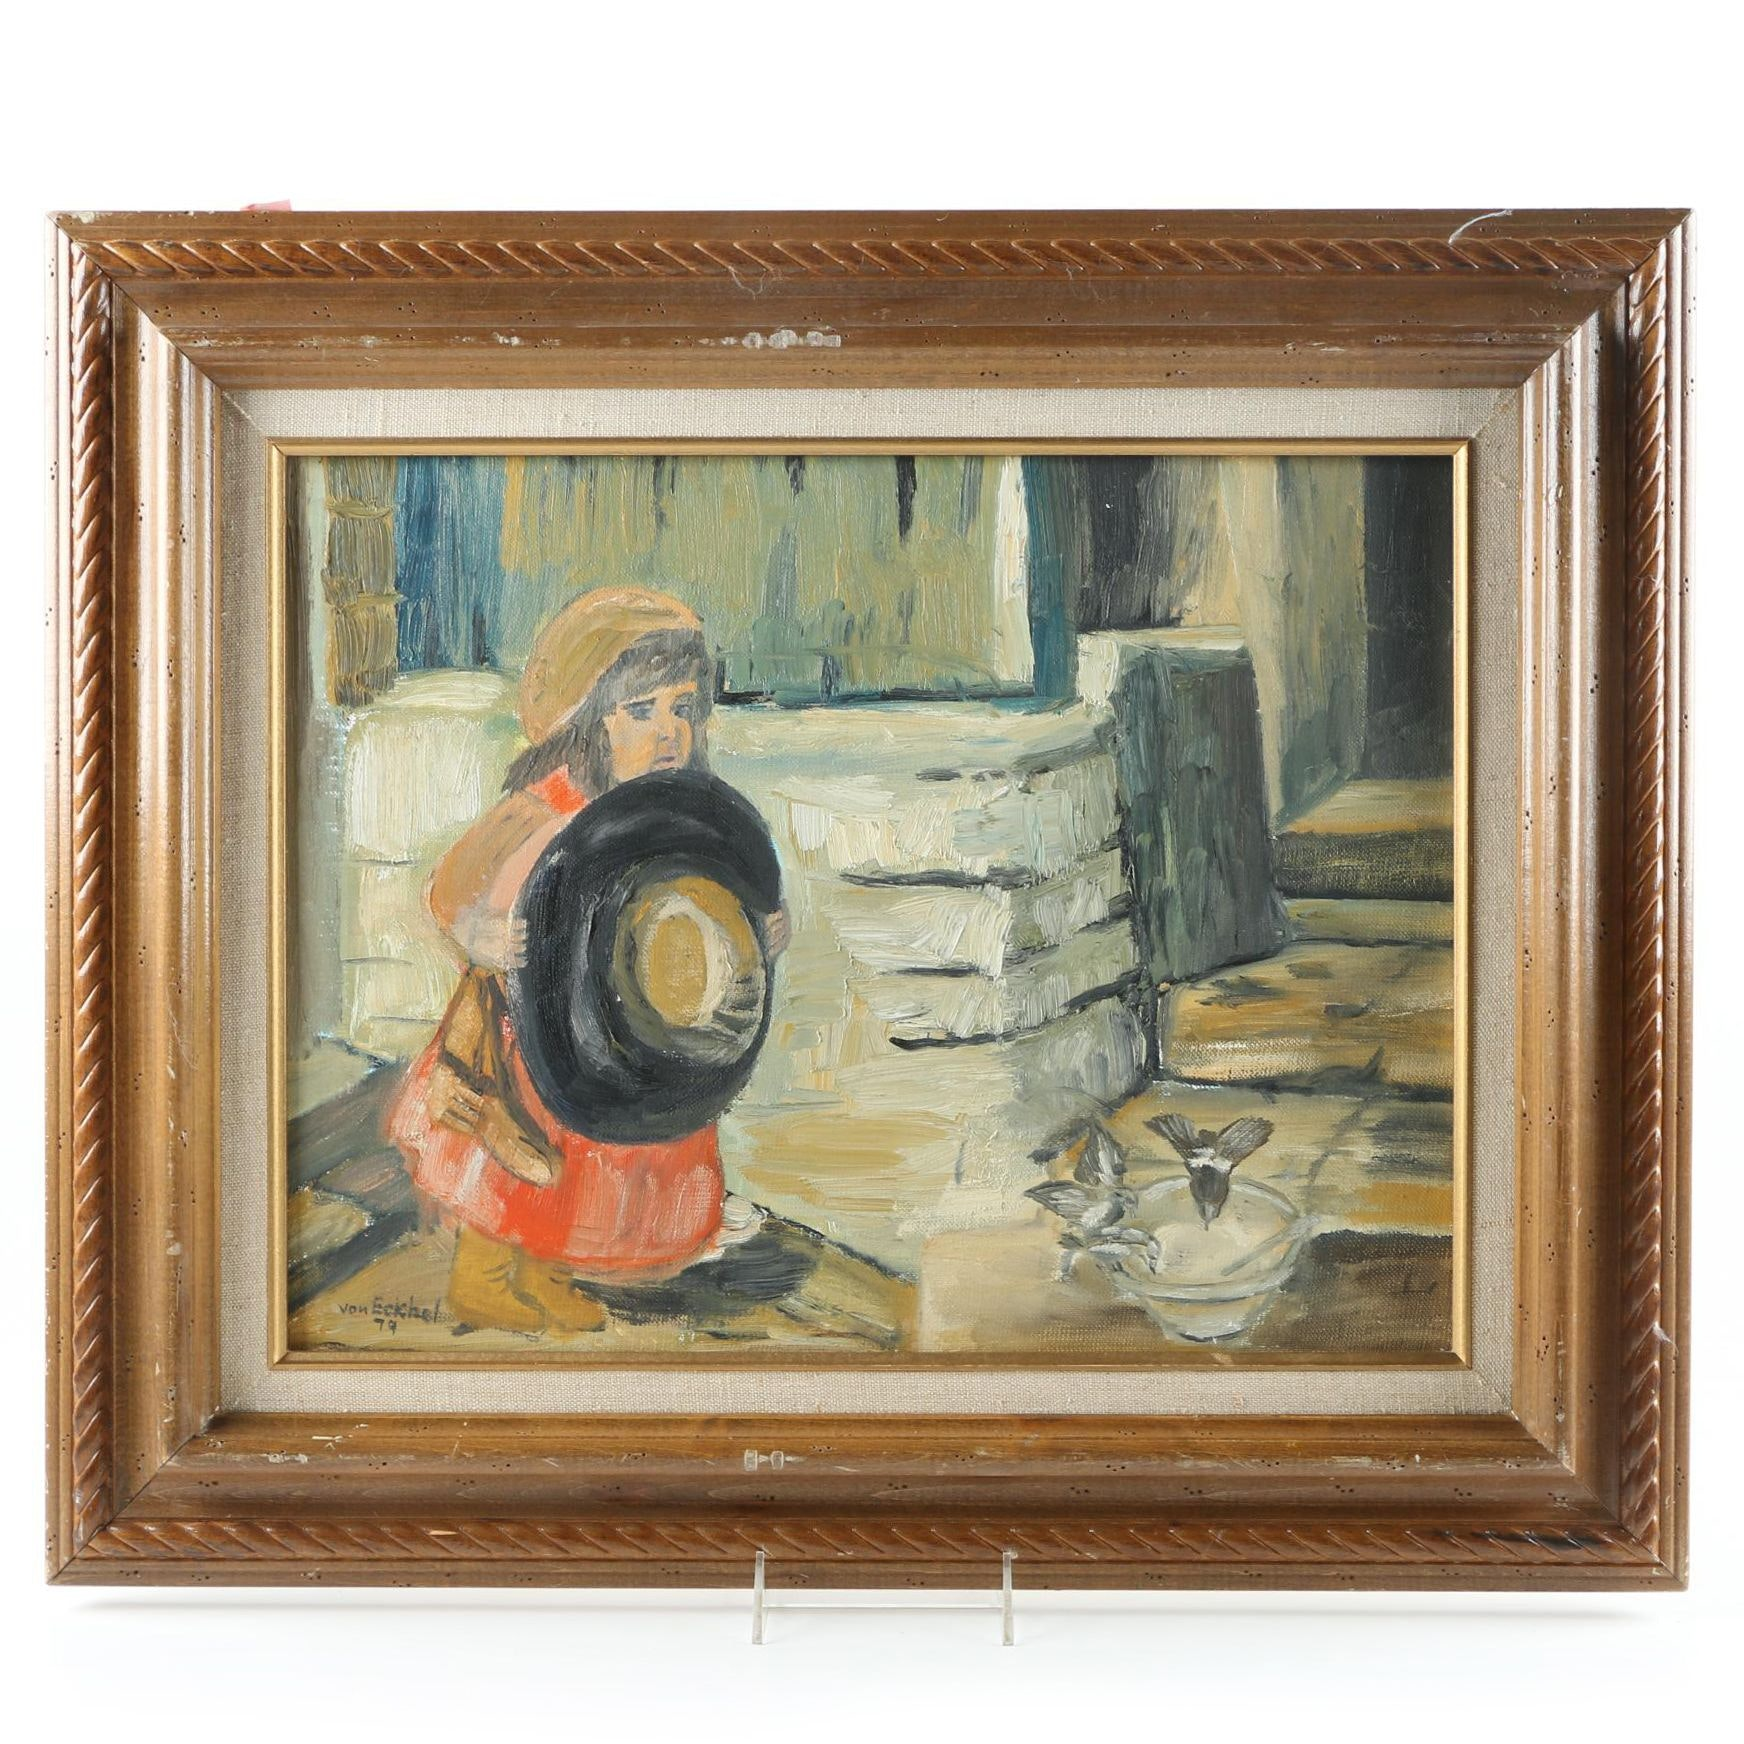 1979 Von Eckhel Original Oil on Canvas Board Painting